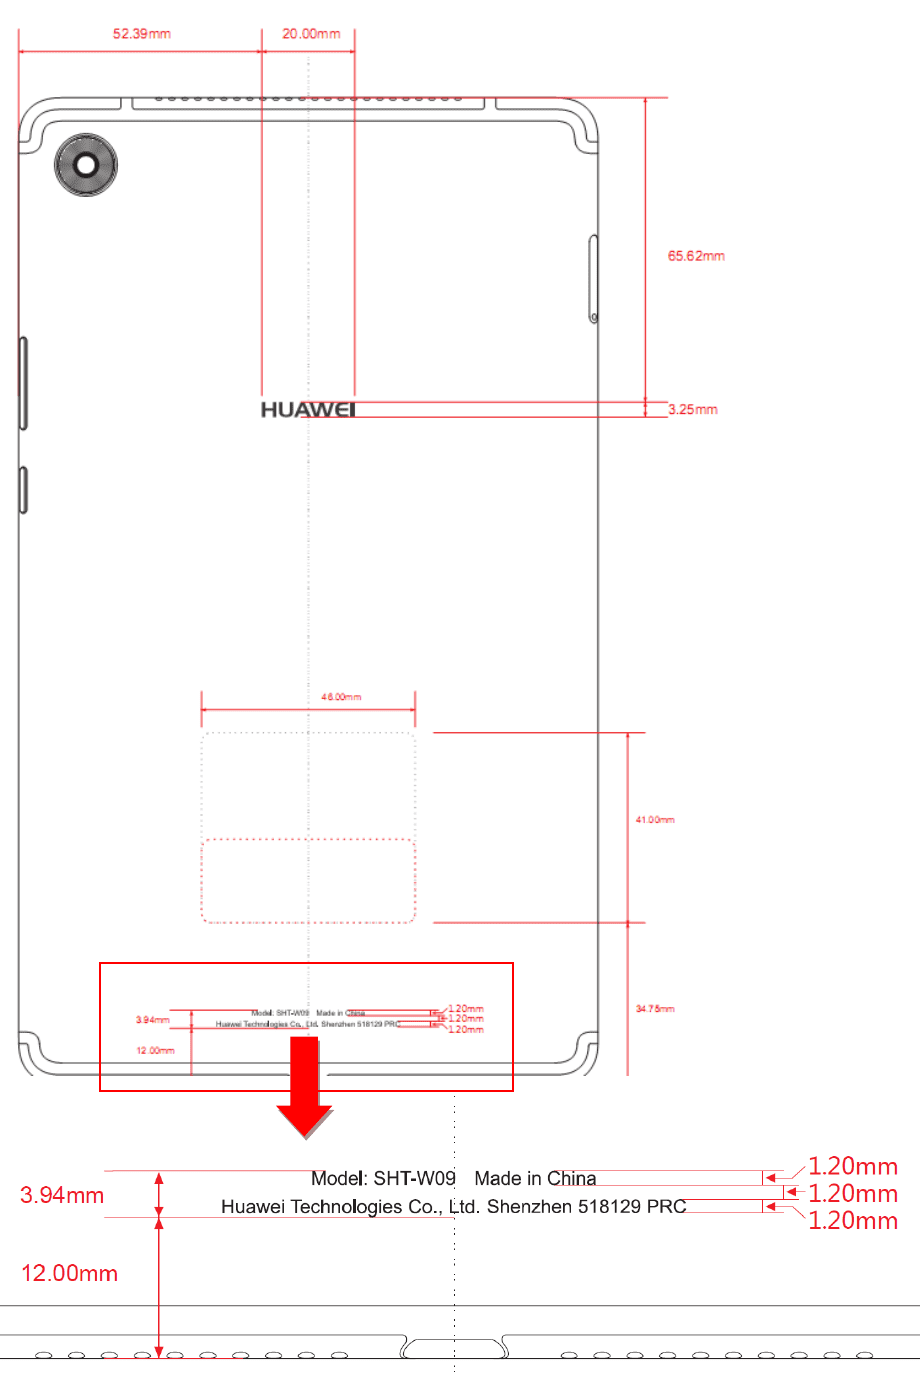 Huawei vai apresentar um Huawei Mediapad M5 com bateria de 4980 mAh (vejam os esboços do projeto) 3